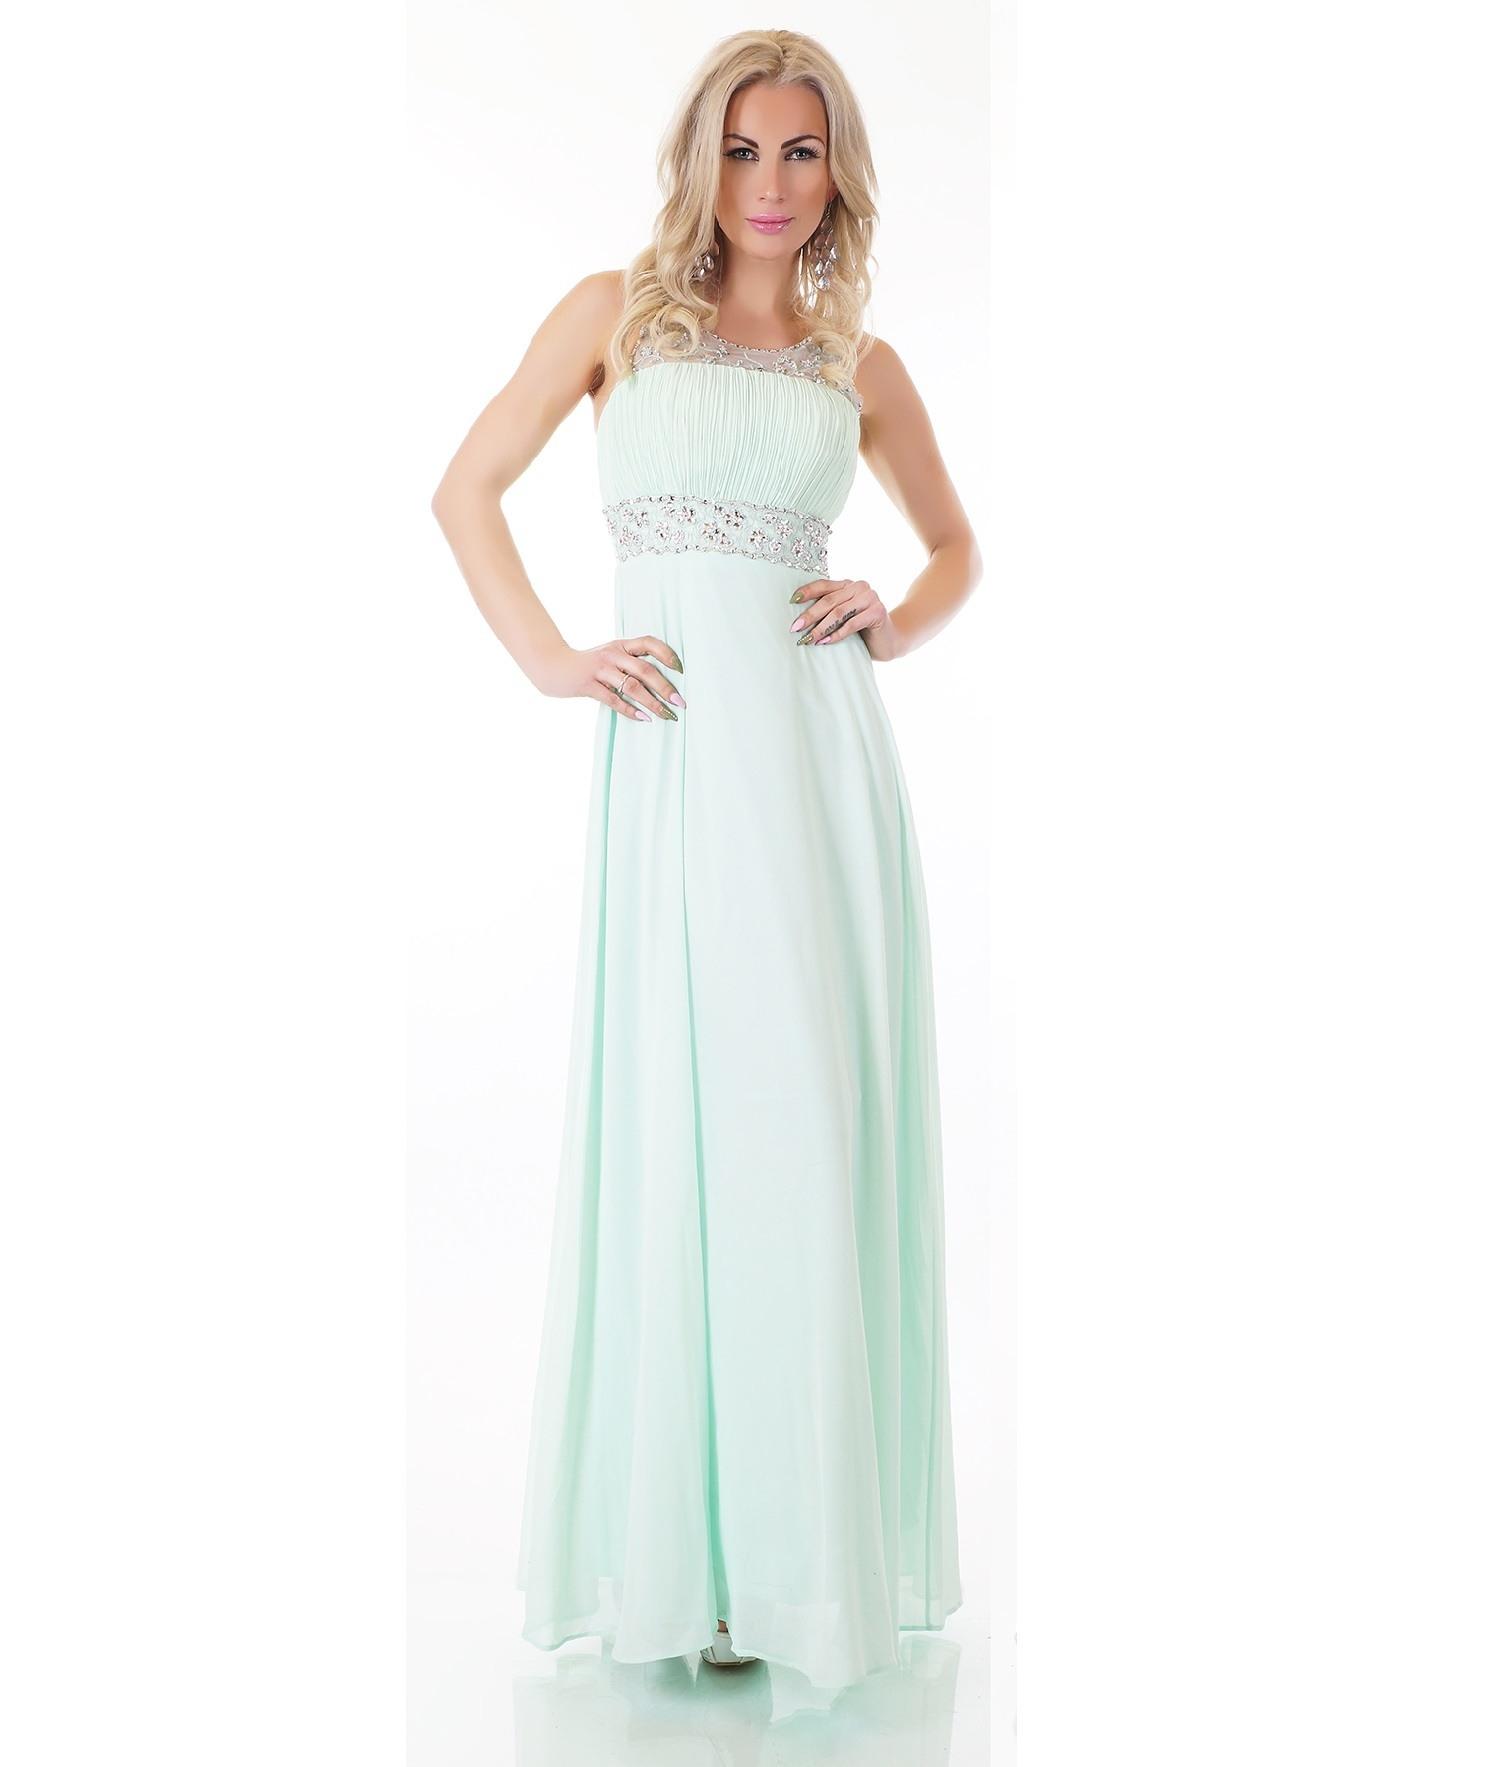 Formal Luxus Günstige Abendkleider Online Bestellen DesignAbend Elegant Günstige Abendkleider Online Bestellen Bester Preis